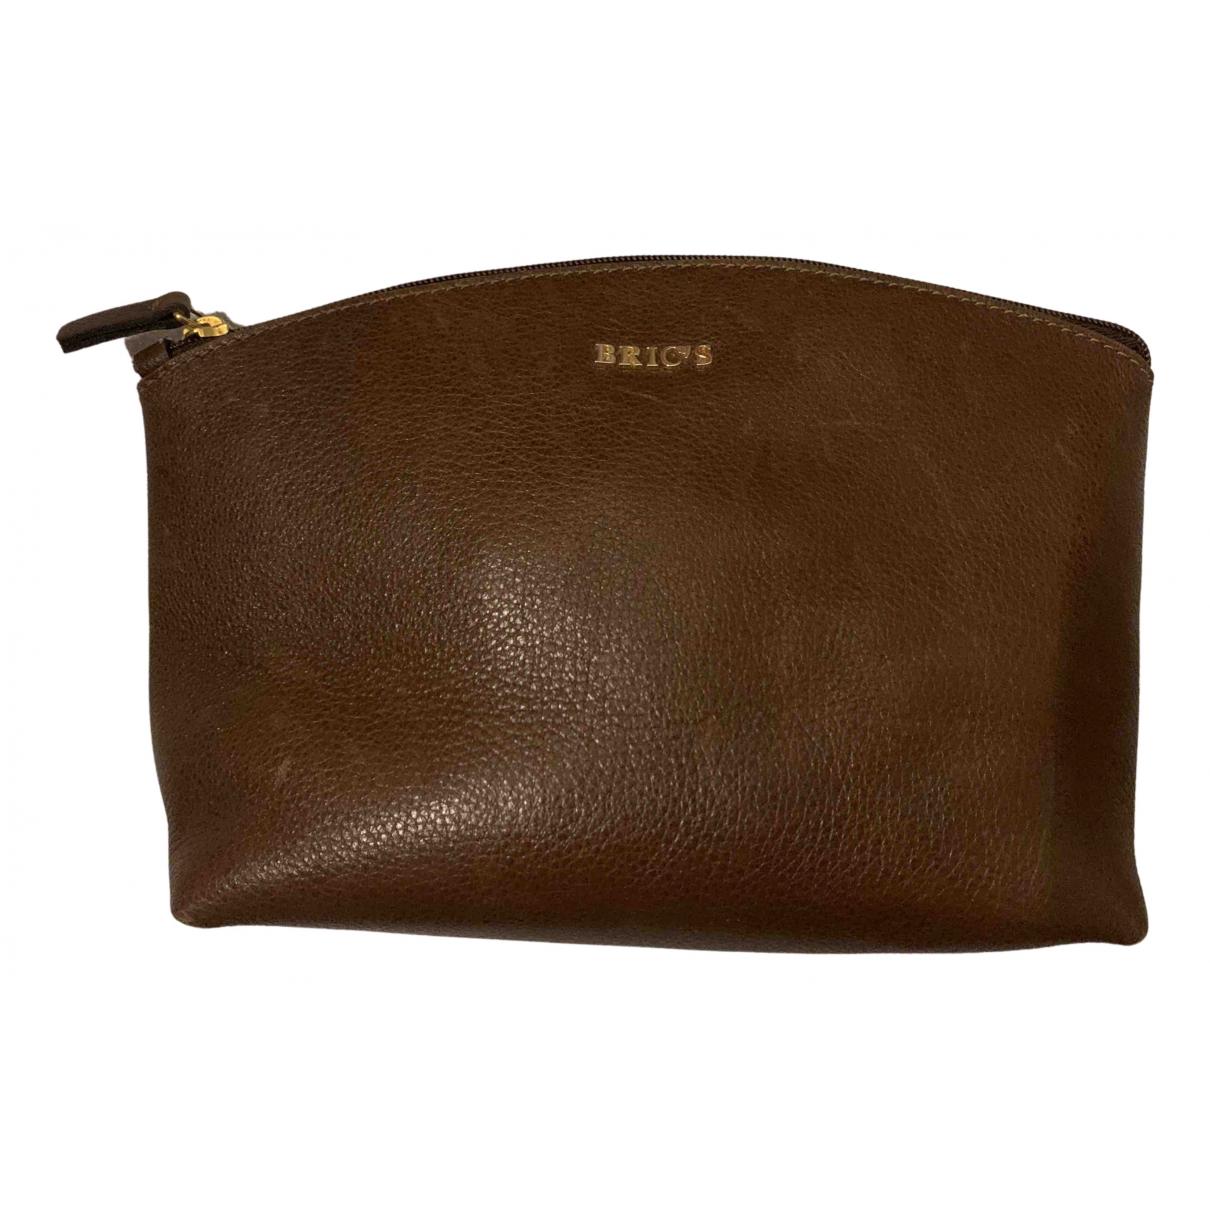 Brics - Petite maroquinerie   pour femme en cuir - marron